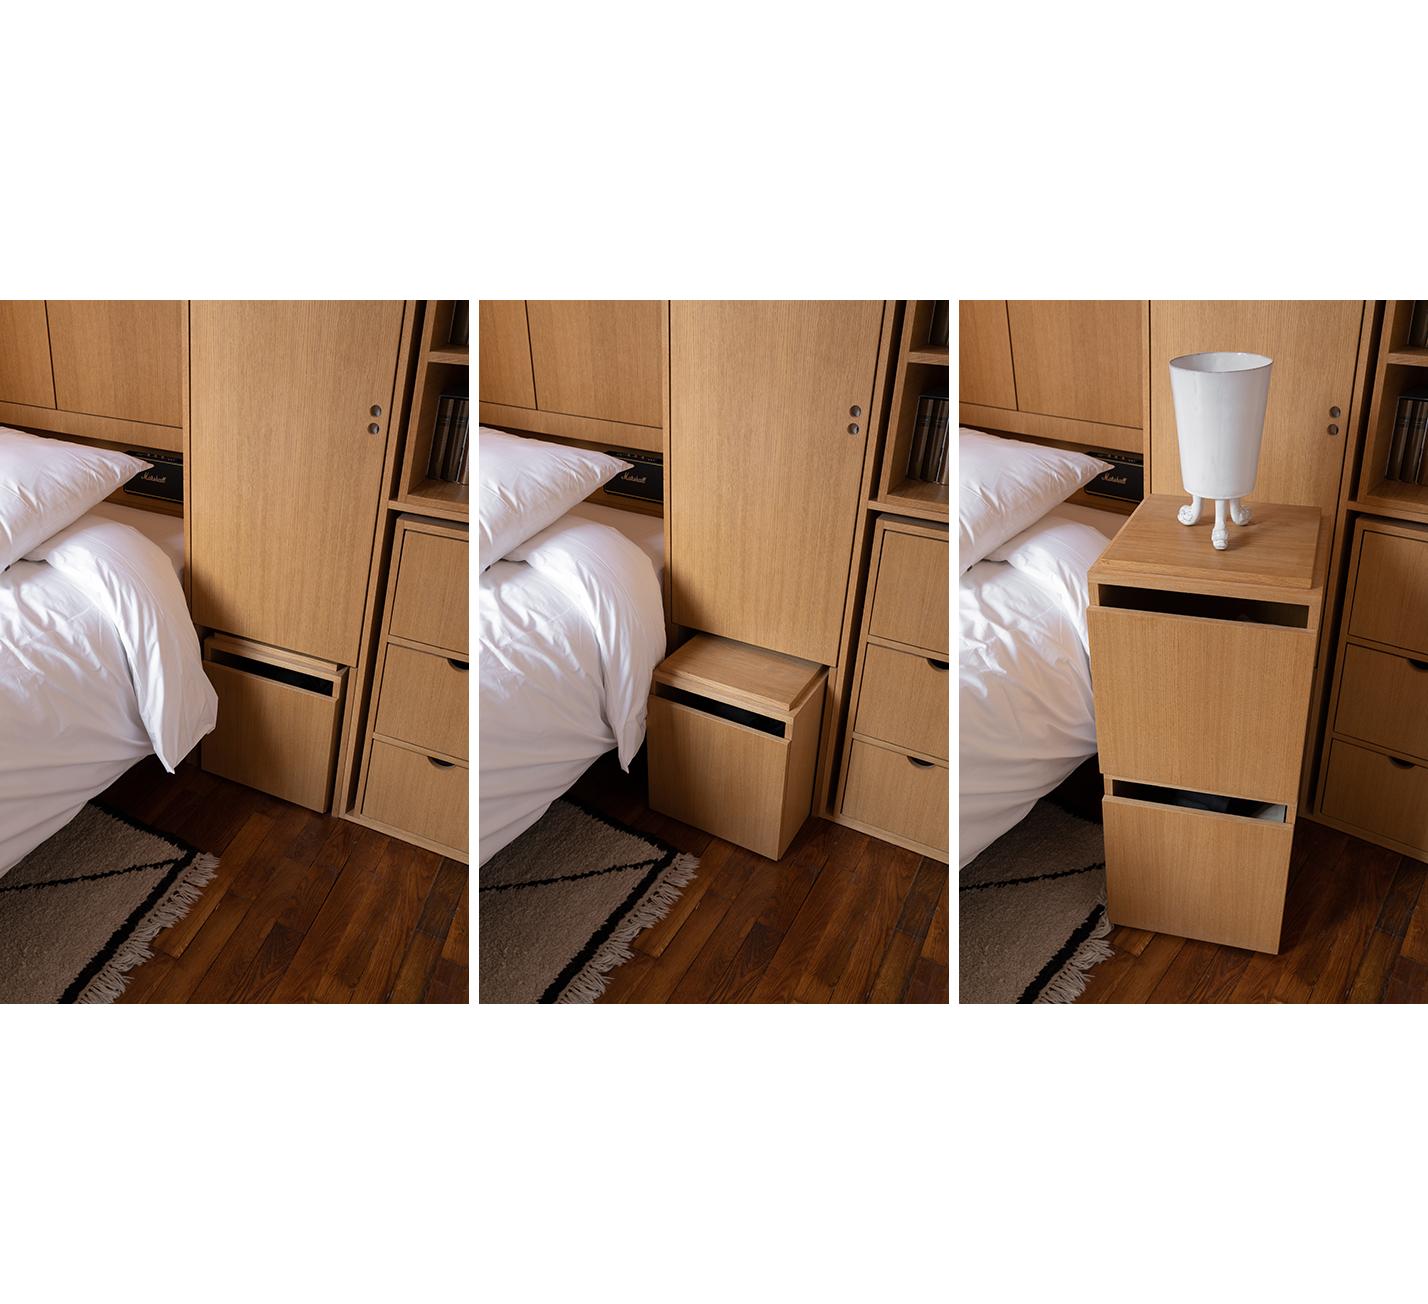 Appartement-Pantin-paris-rénovation-architecture-paris-construction-atelier-steve-pauline-borgia-26